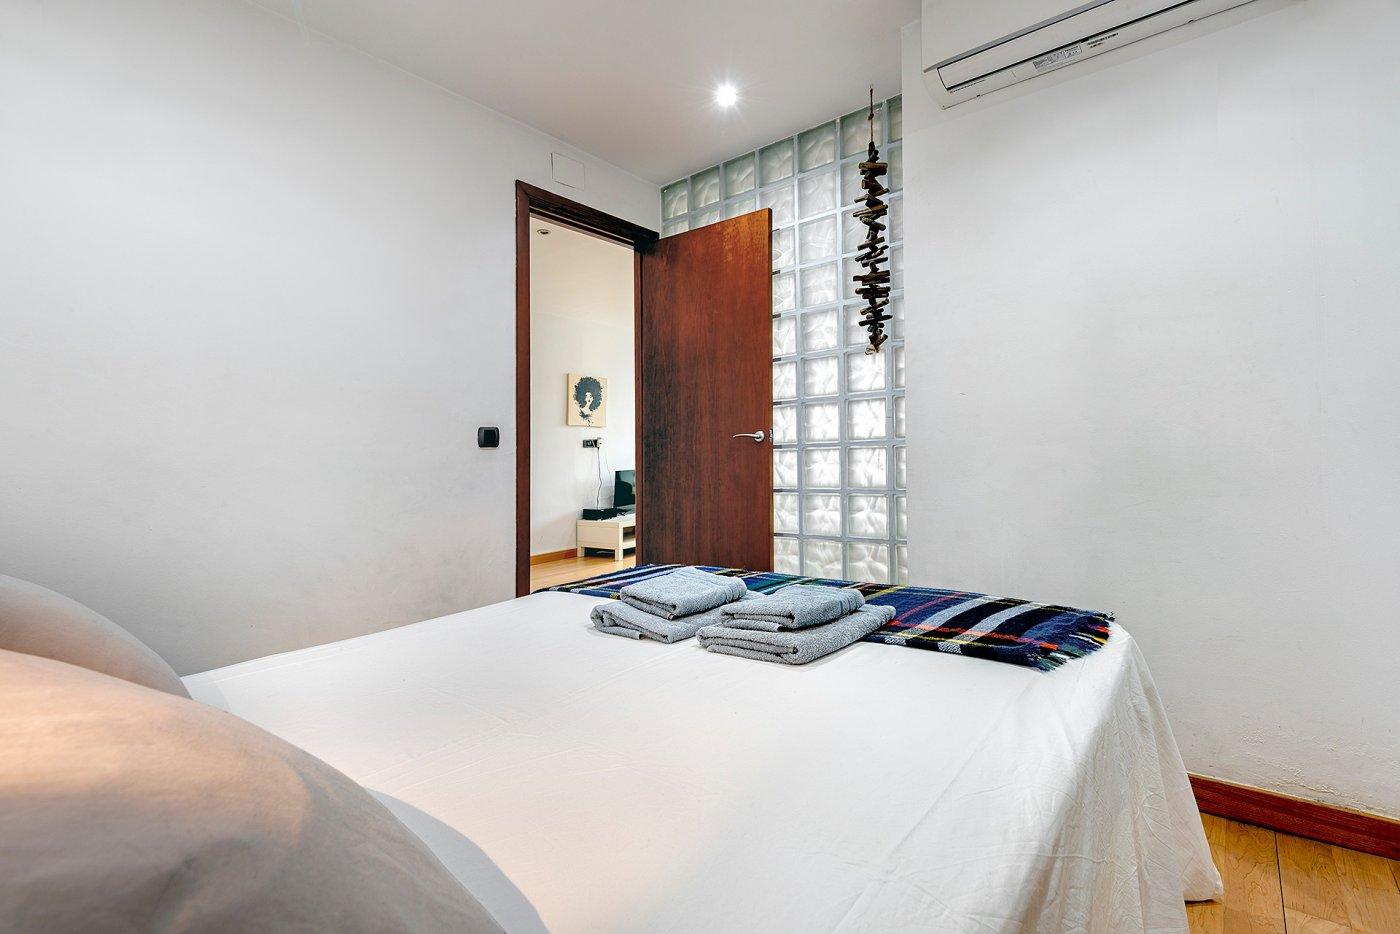 Apartamento con vistas al mar en paseo marítimo - imagenInmueble15